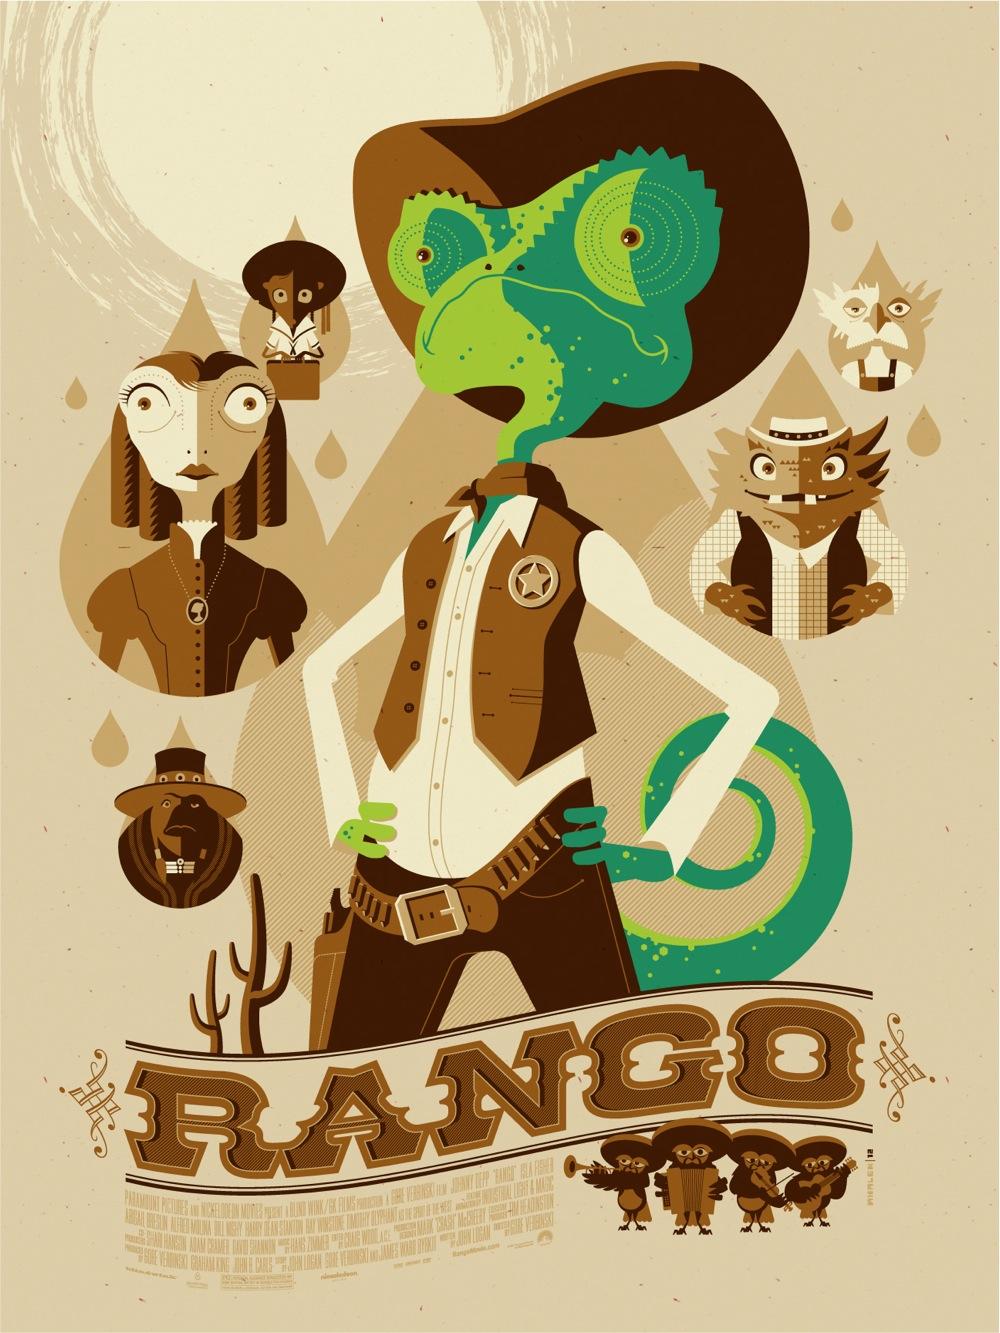 Mondo Rango poster